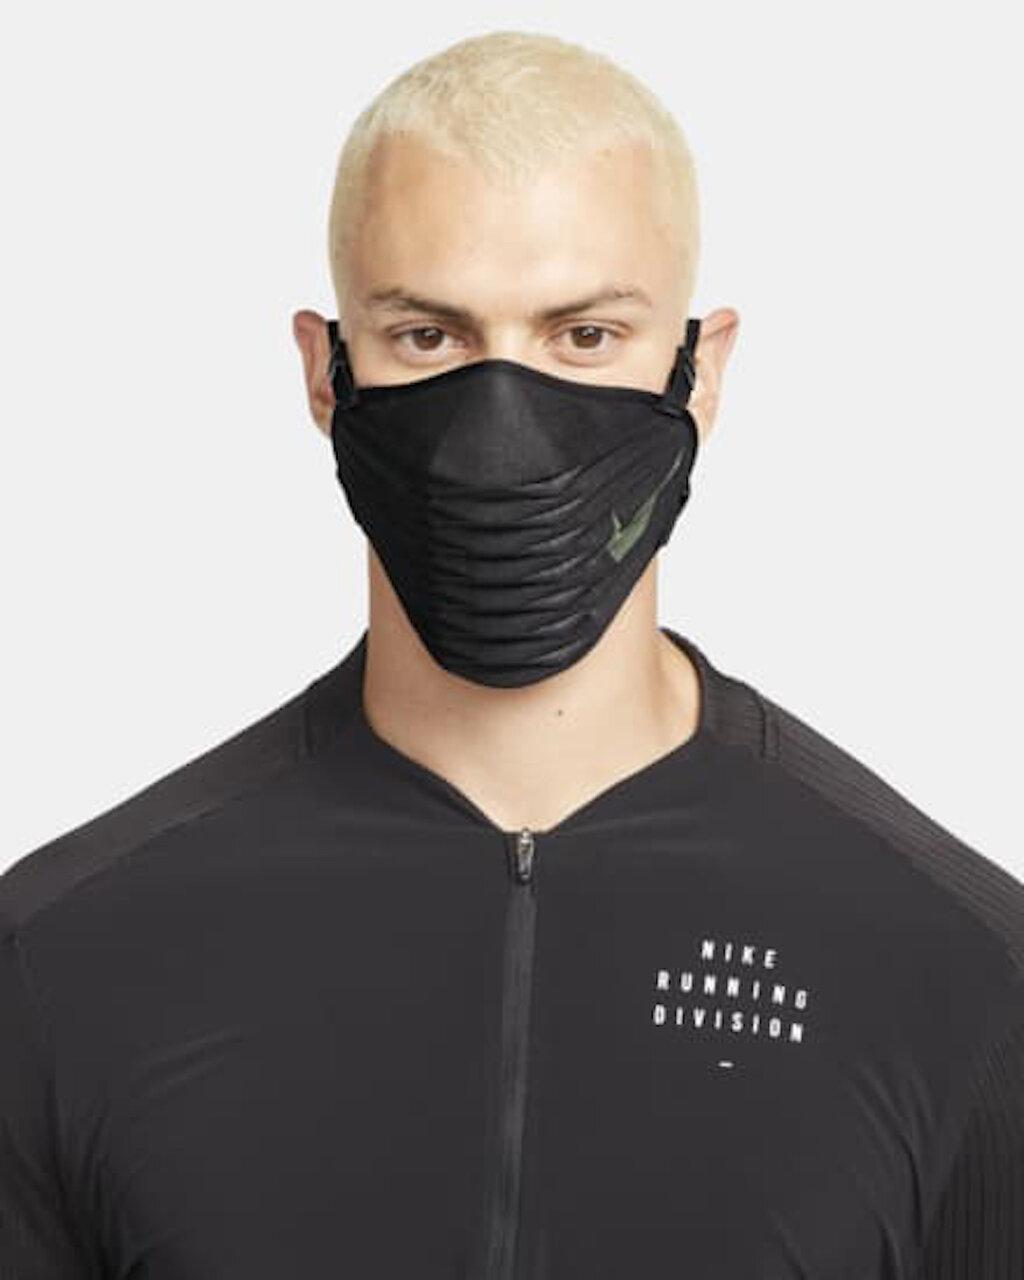 ナイキ ベンチュラーマスクで、日常・スポーツシーンもおしゃれに楽しもう